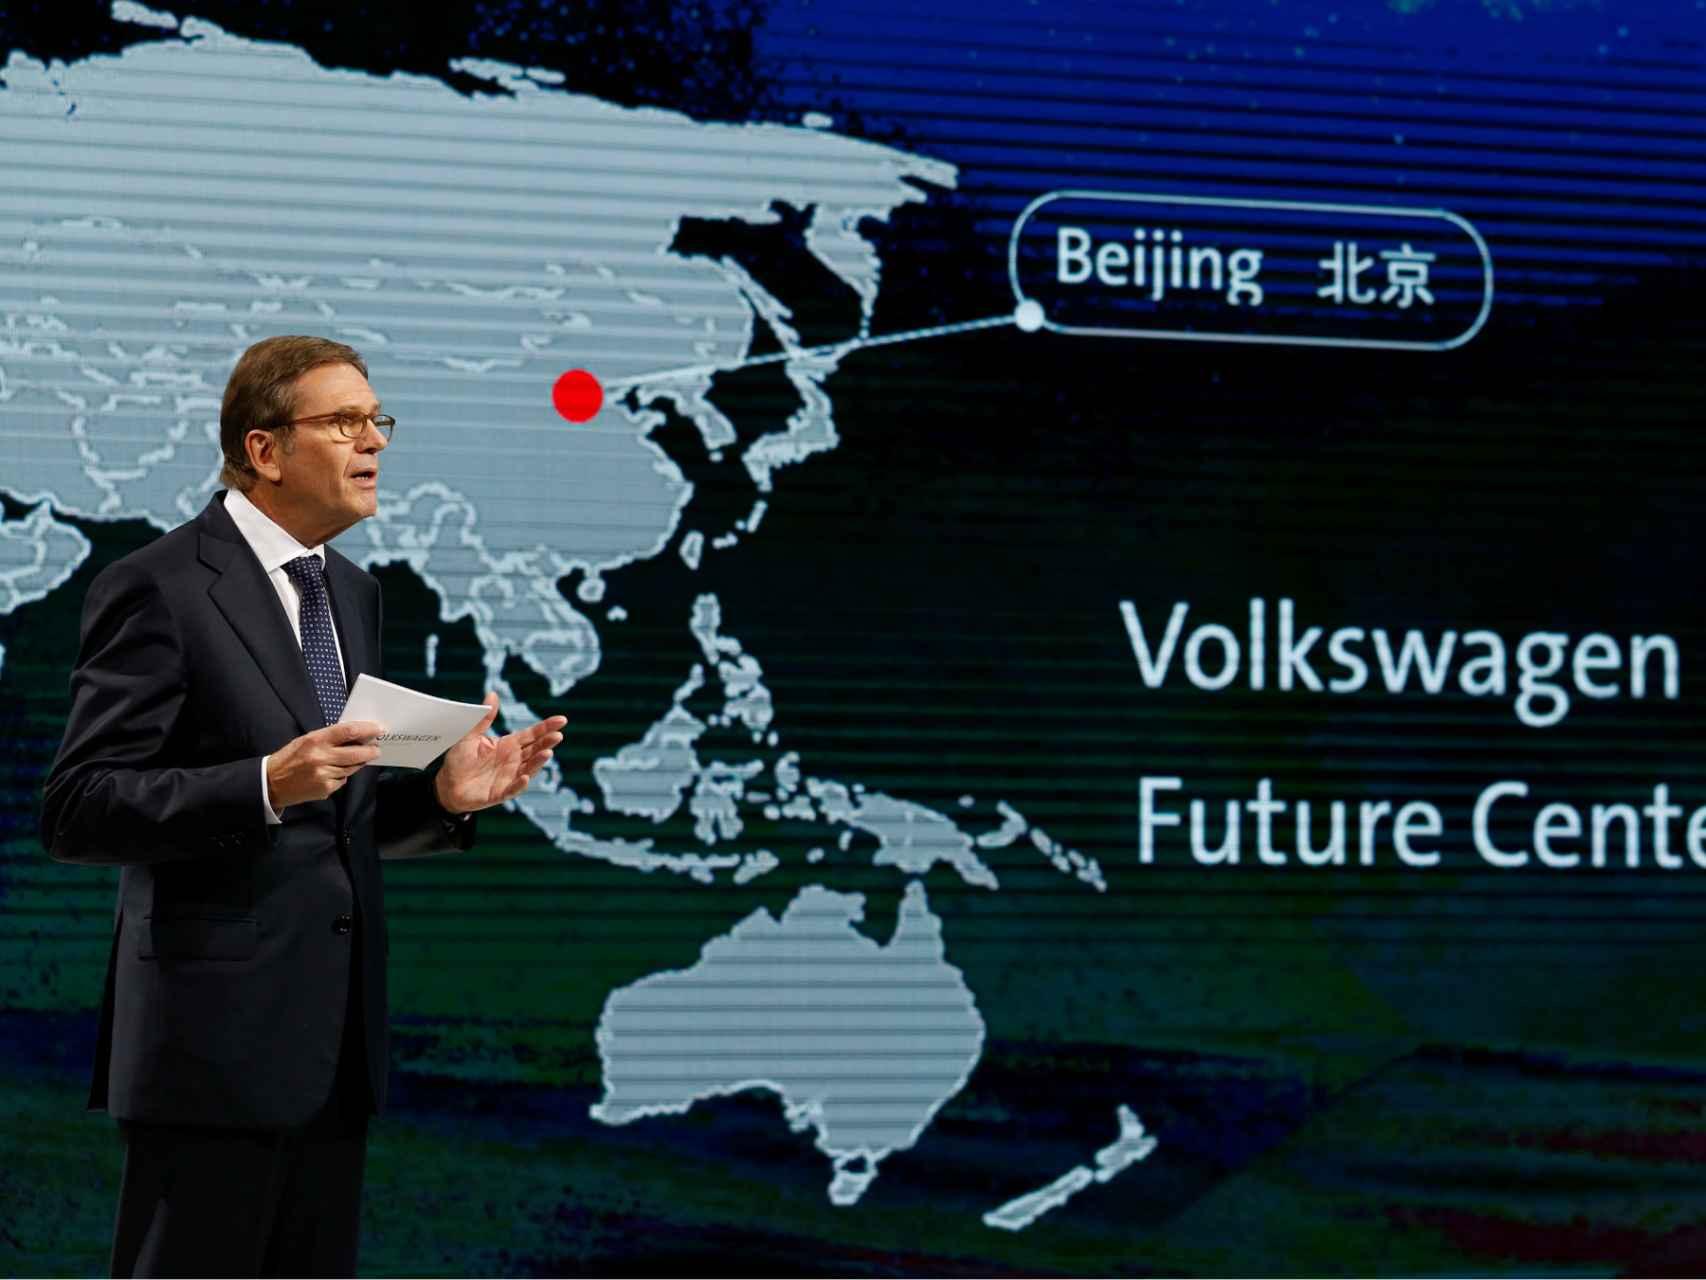 China será junto con Europa un foco para la nueva Volkswagen.